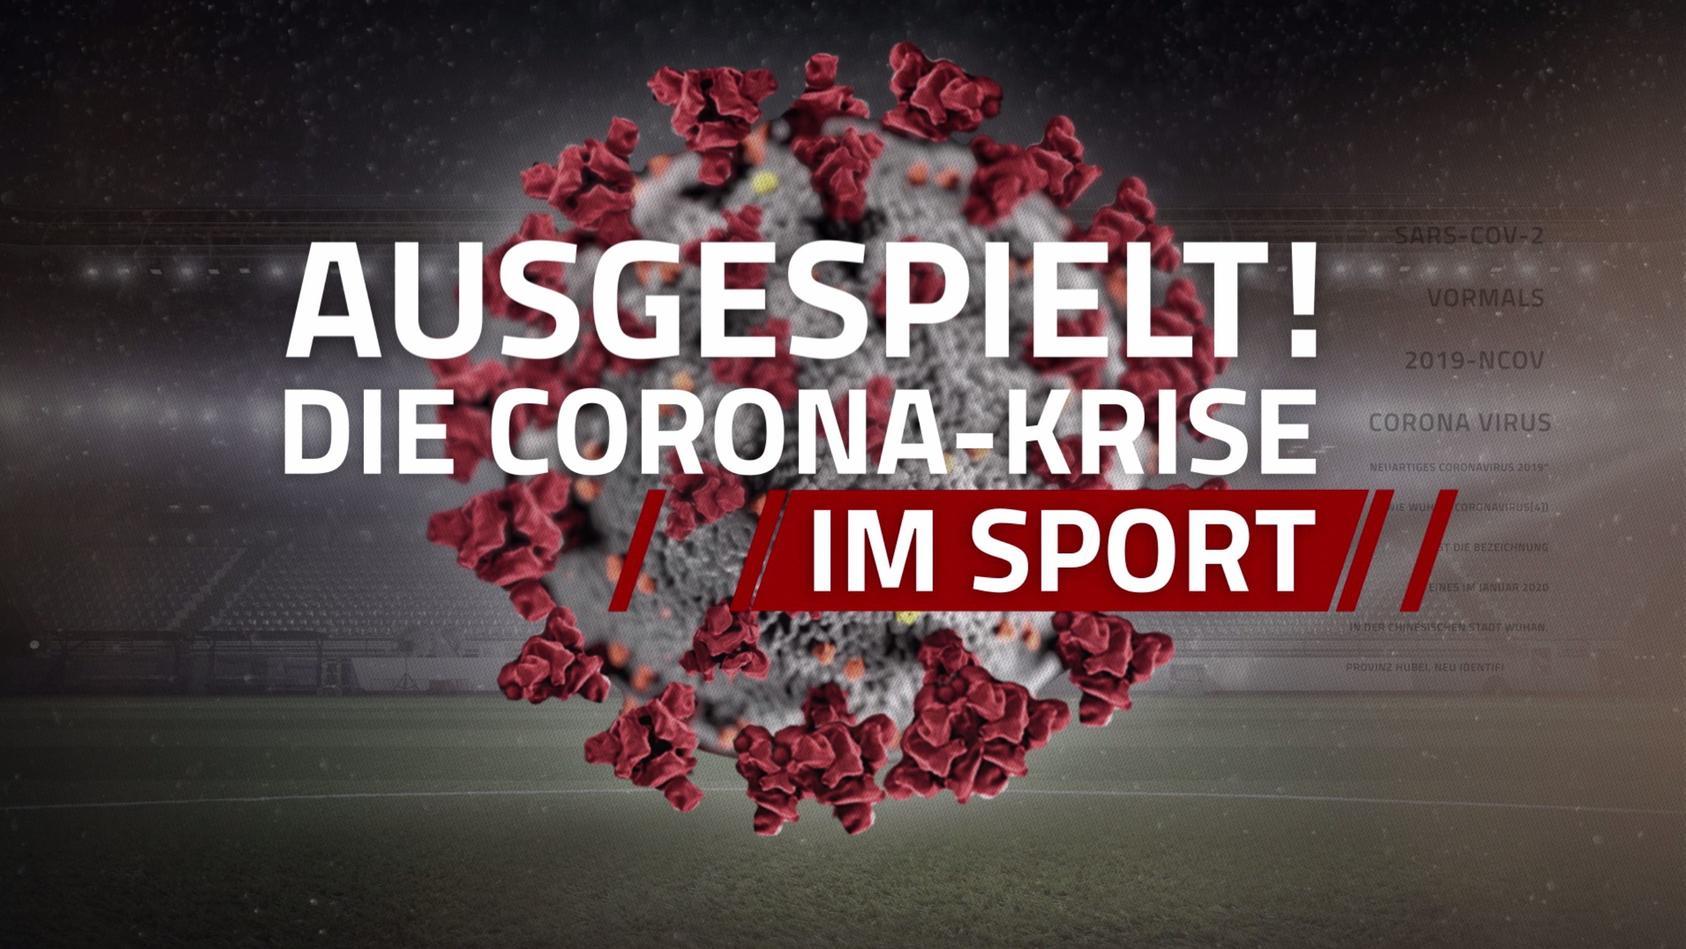 Ausgespielt - die Corona-Krise im Sport